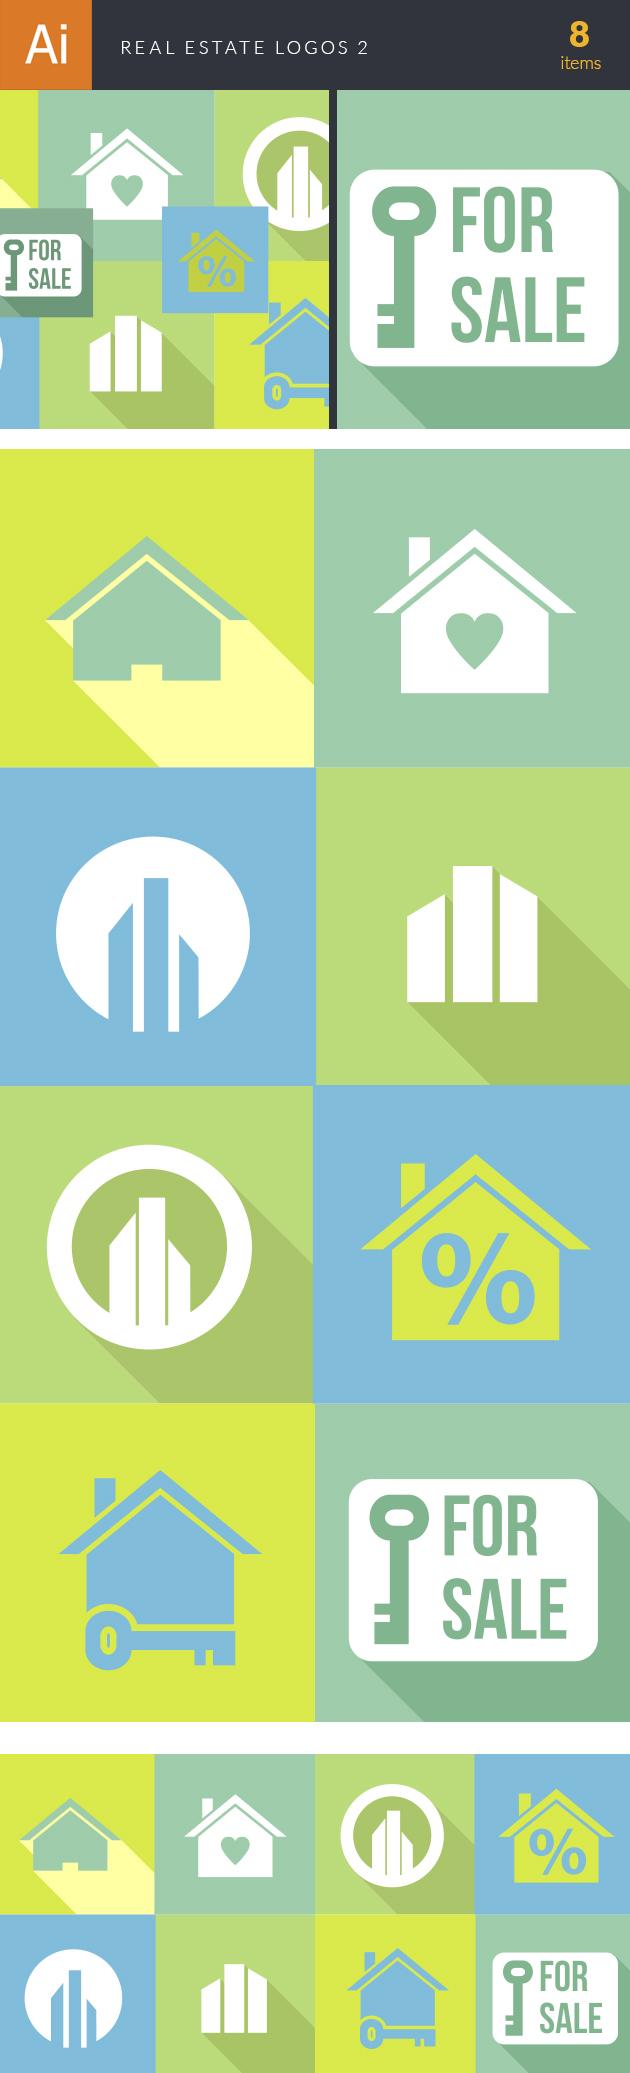 Real Estate Logos Vector 2 6